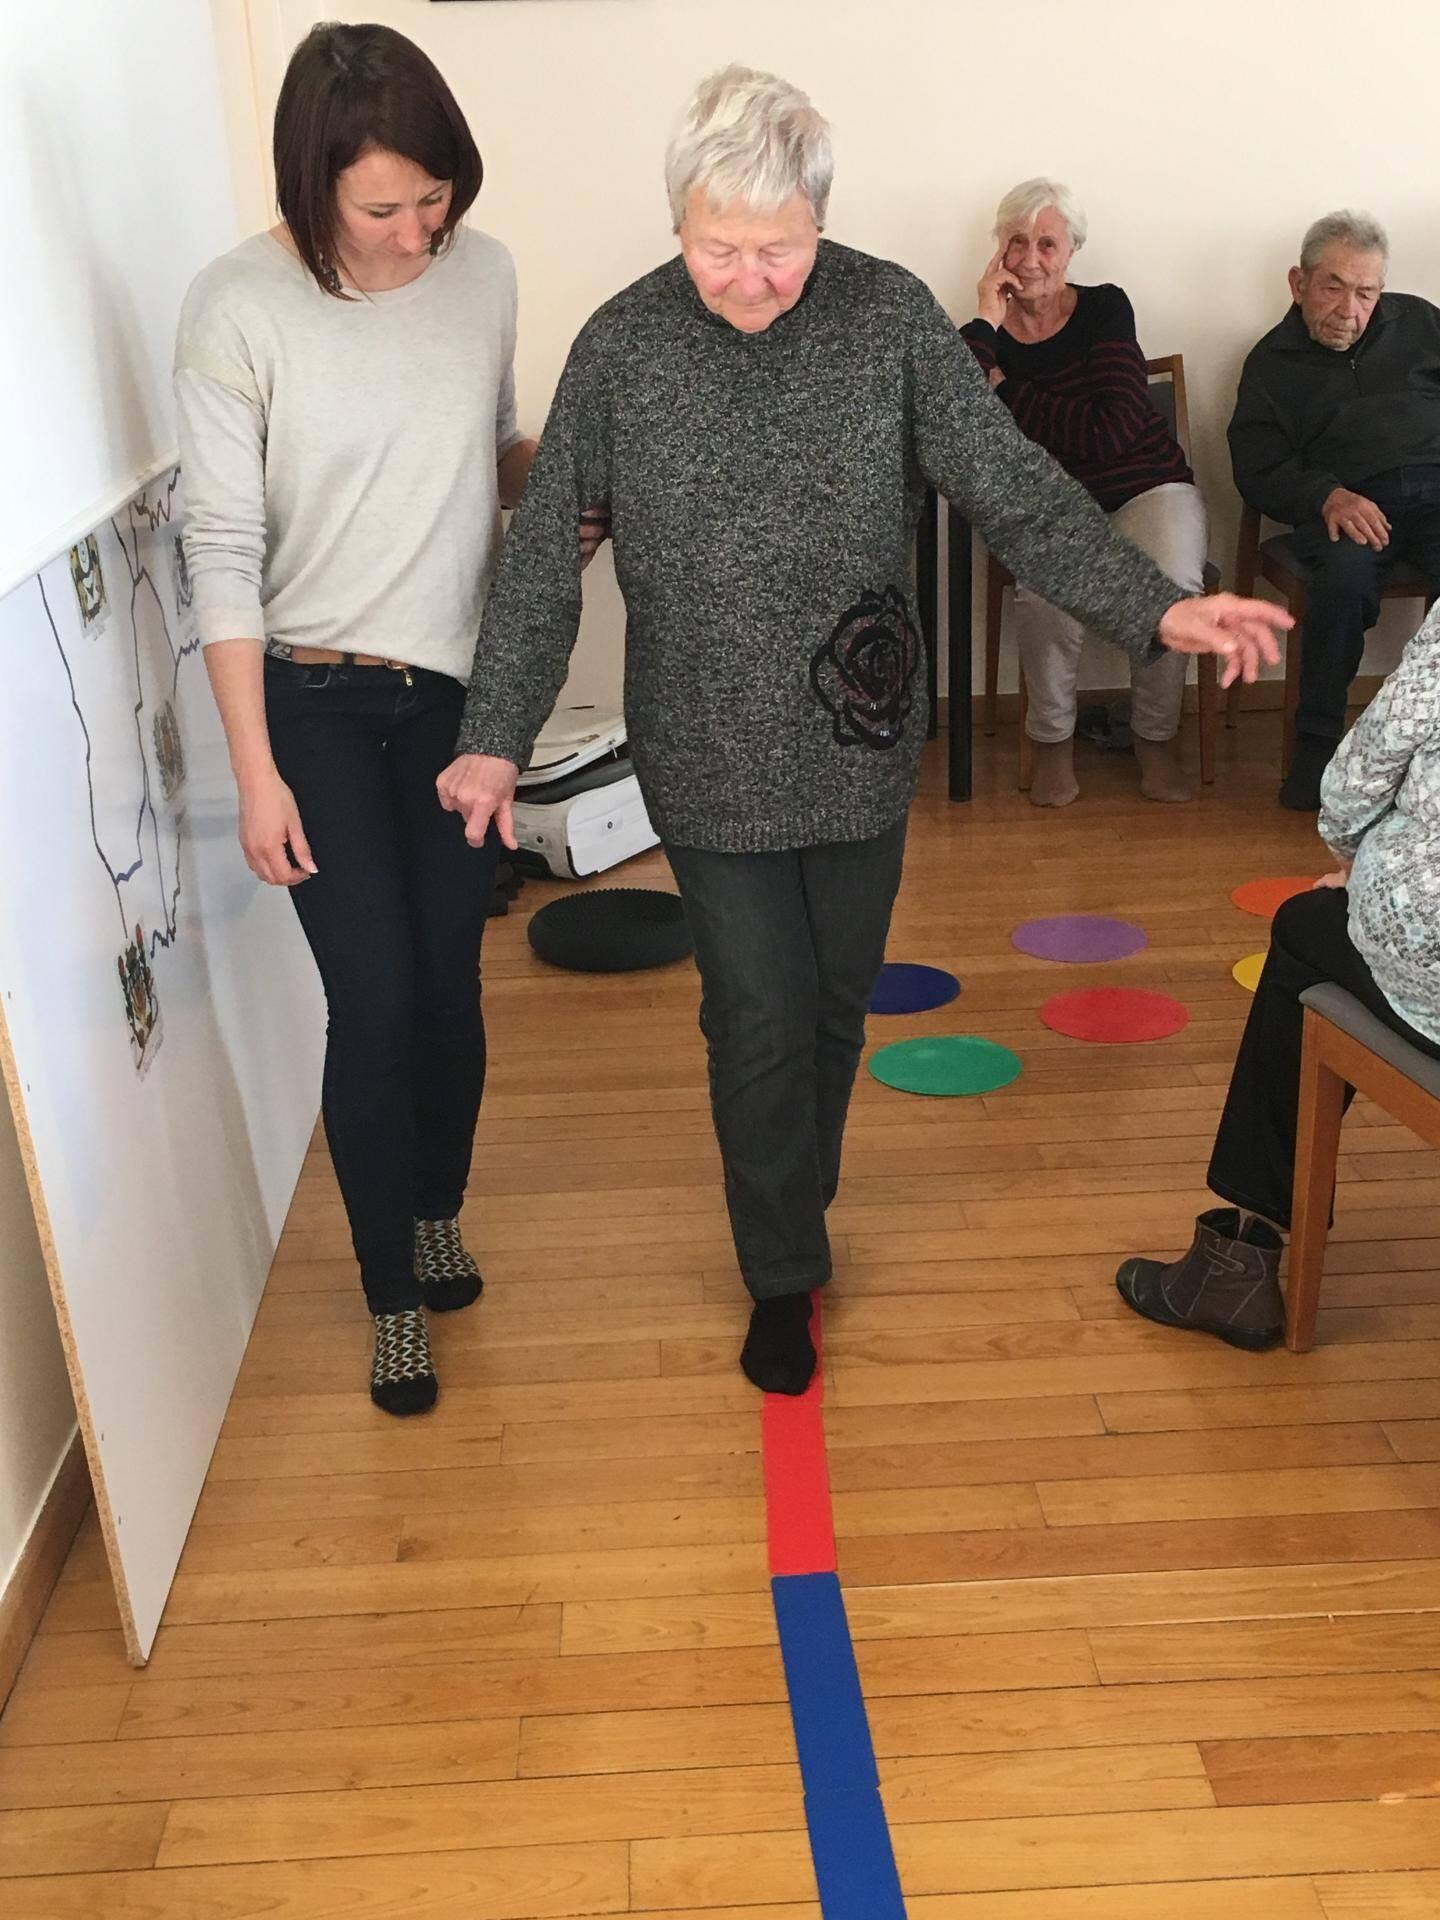 Lors de l'atelier, les seniors ont pu expérimenter et tester leur équilibre, ressentir leurs appuis, leurs limites et leurs capacités au cours d'un petit circuit installé pour l'occasion par Mme Renard.